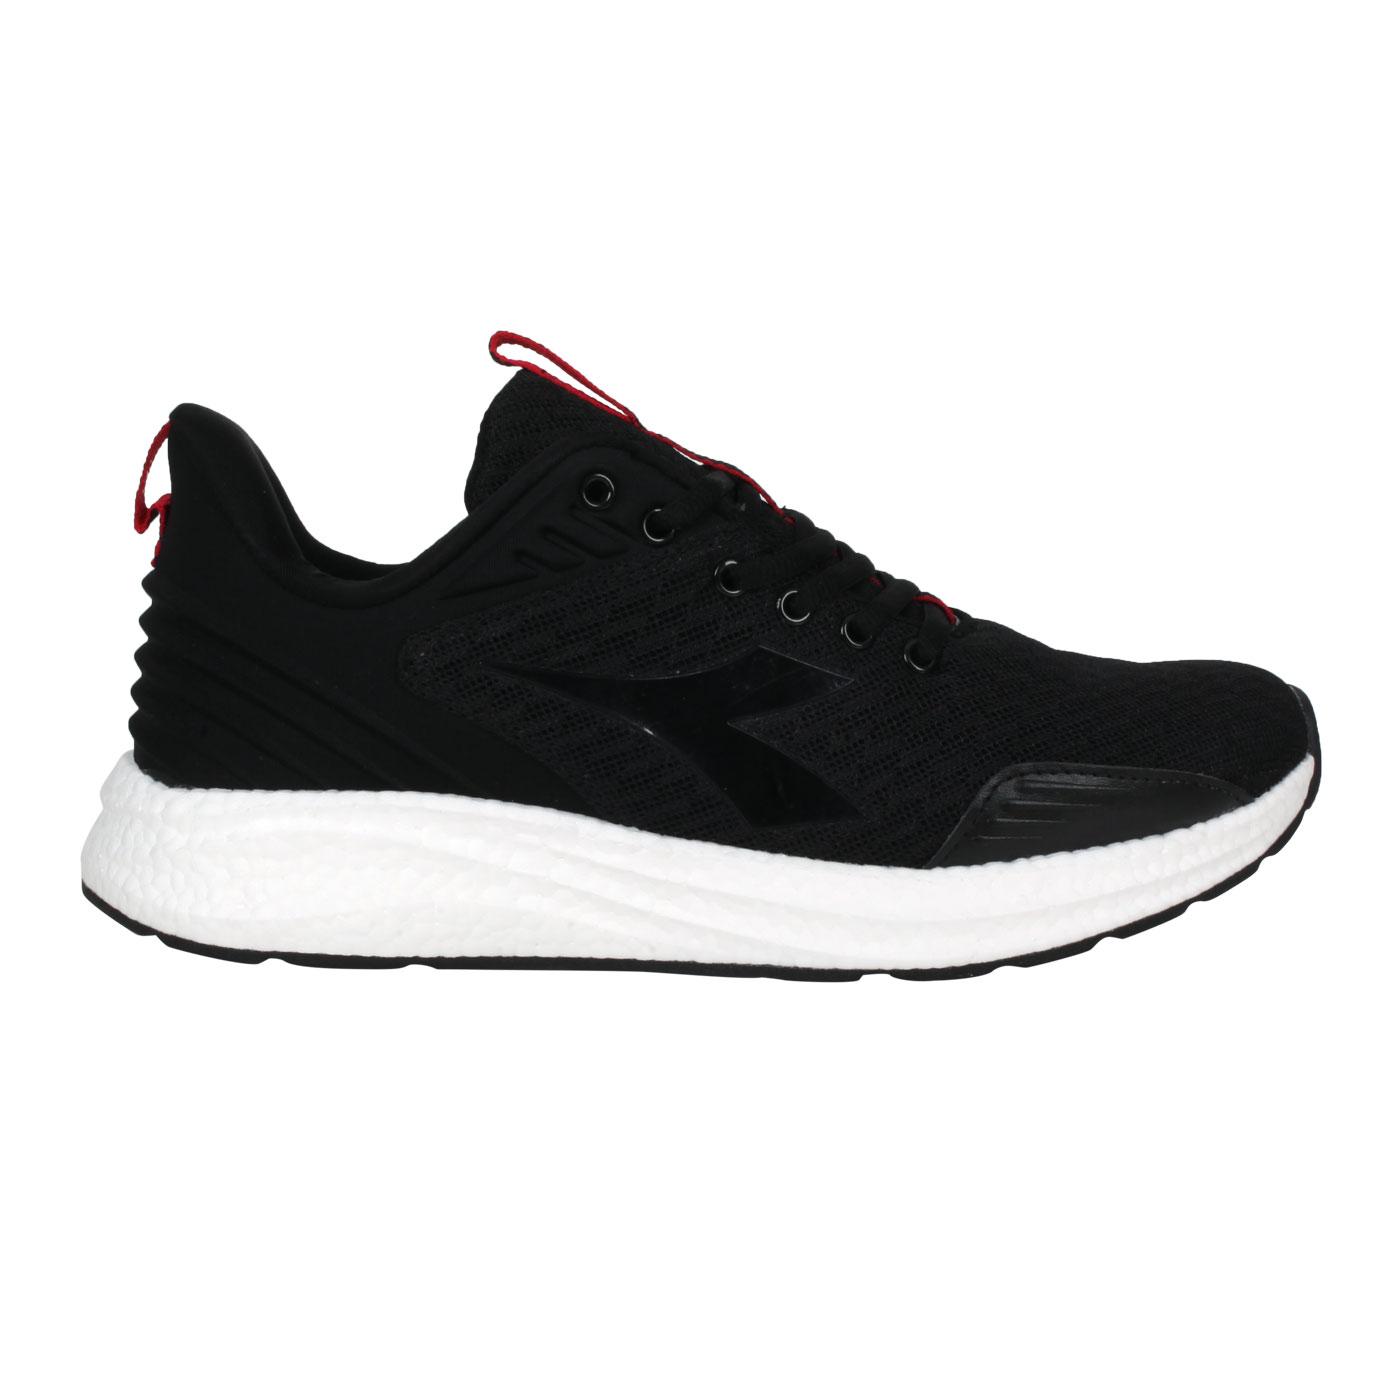 DIADORA 男款專業避震慢跑鞋 DA71176 - 黑紅